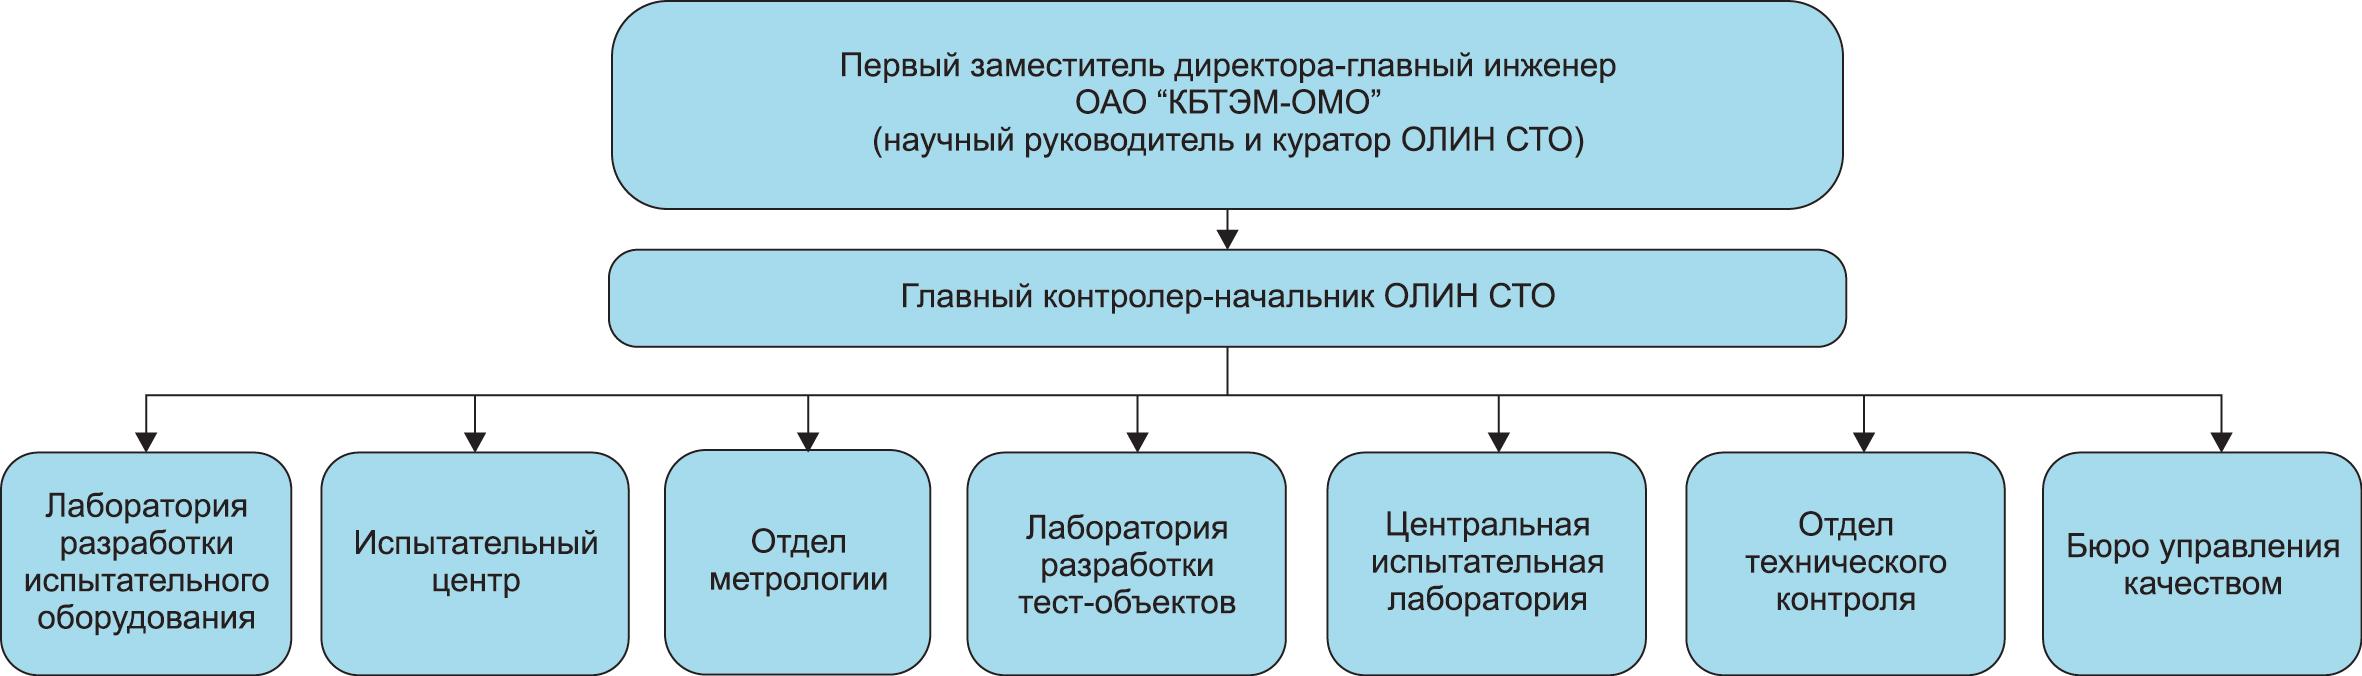 Организационная структура ОЛИН СТО